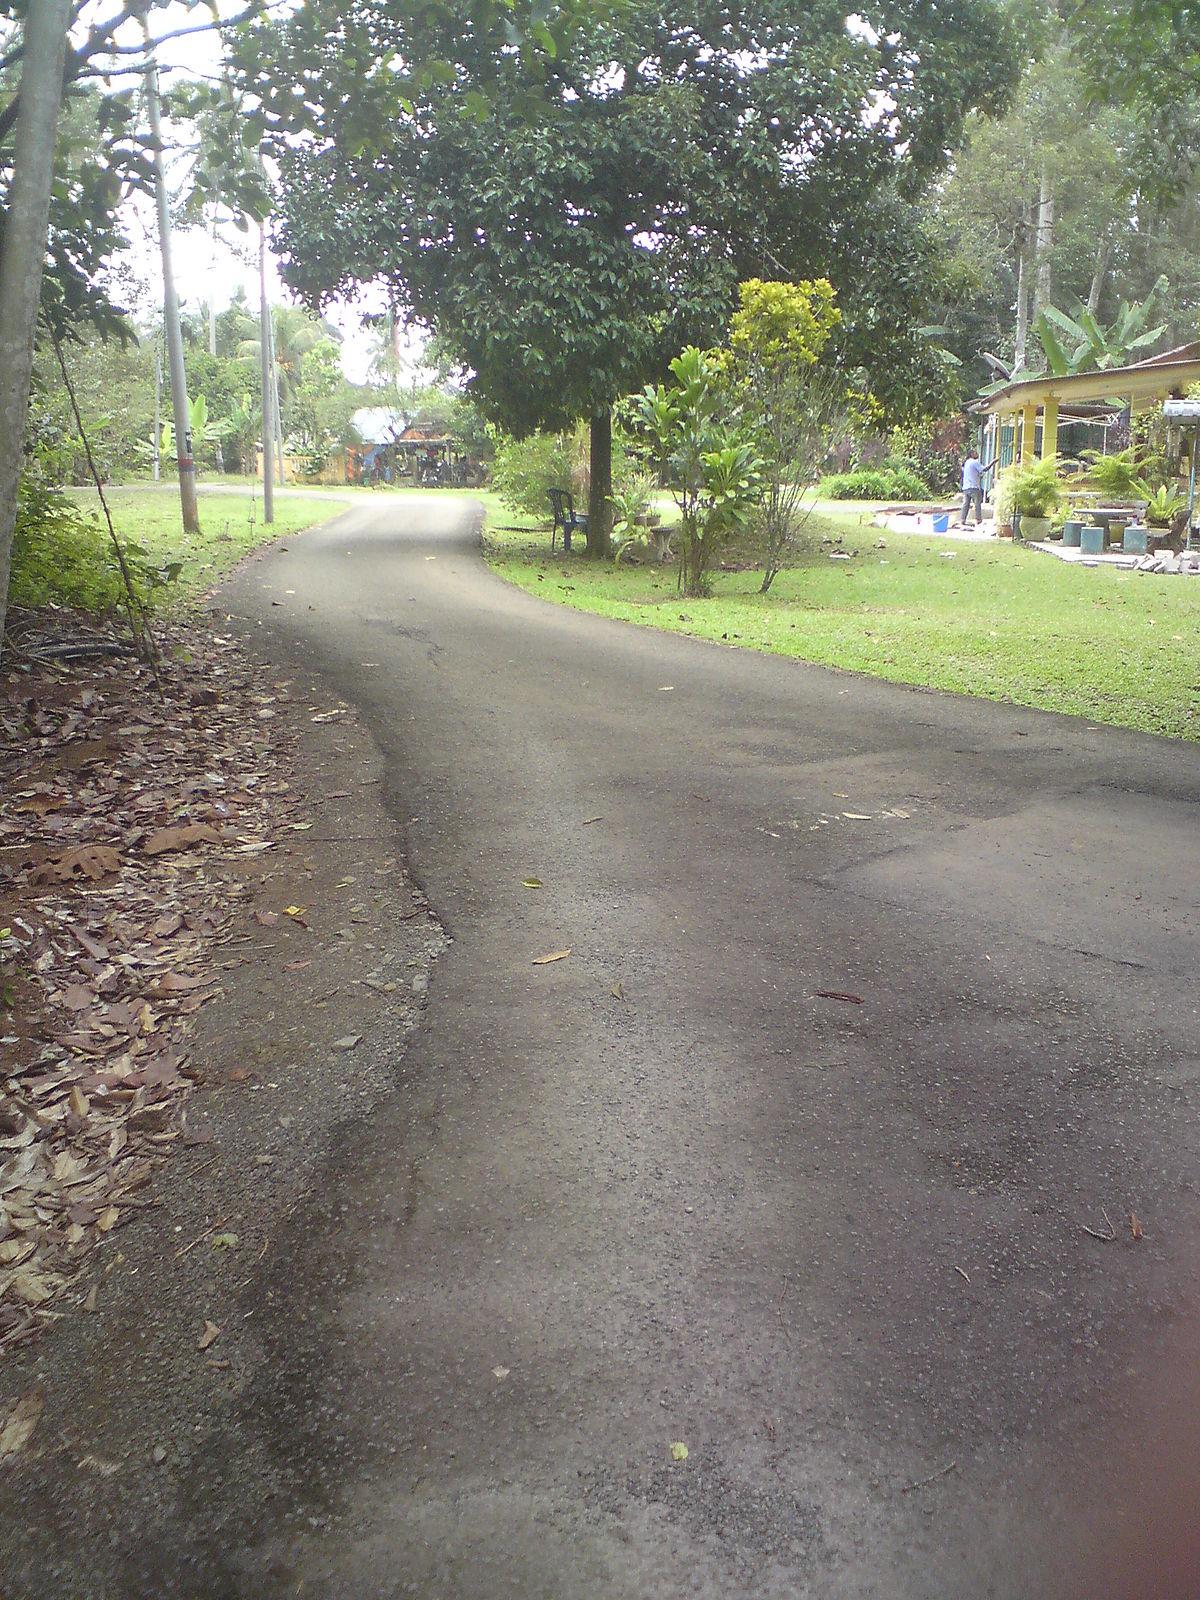 Jalan kampung - Wikipedia bahasa Indonesia, ensiklopedia bebas